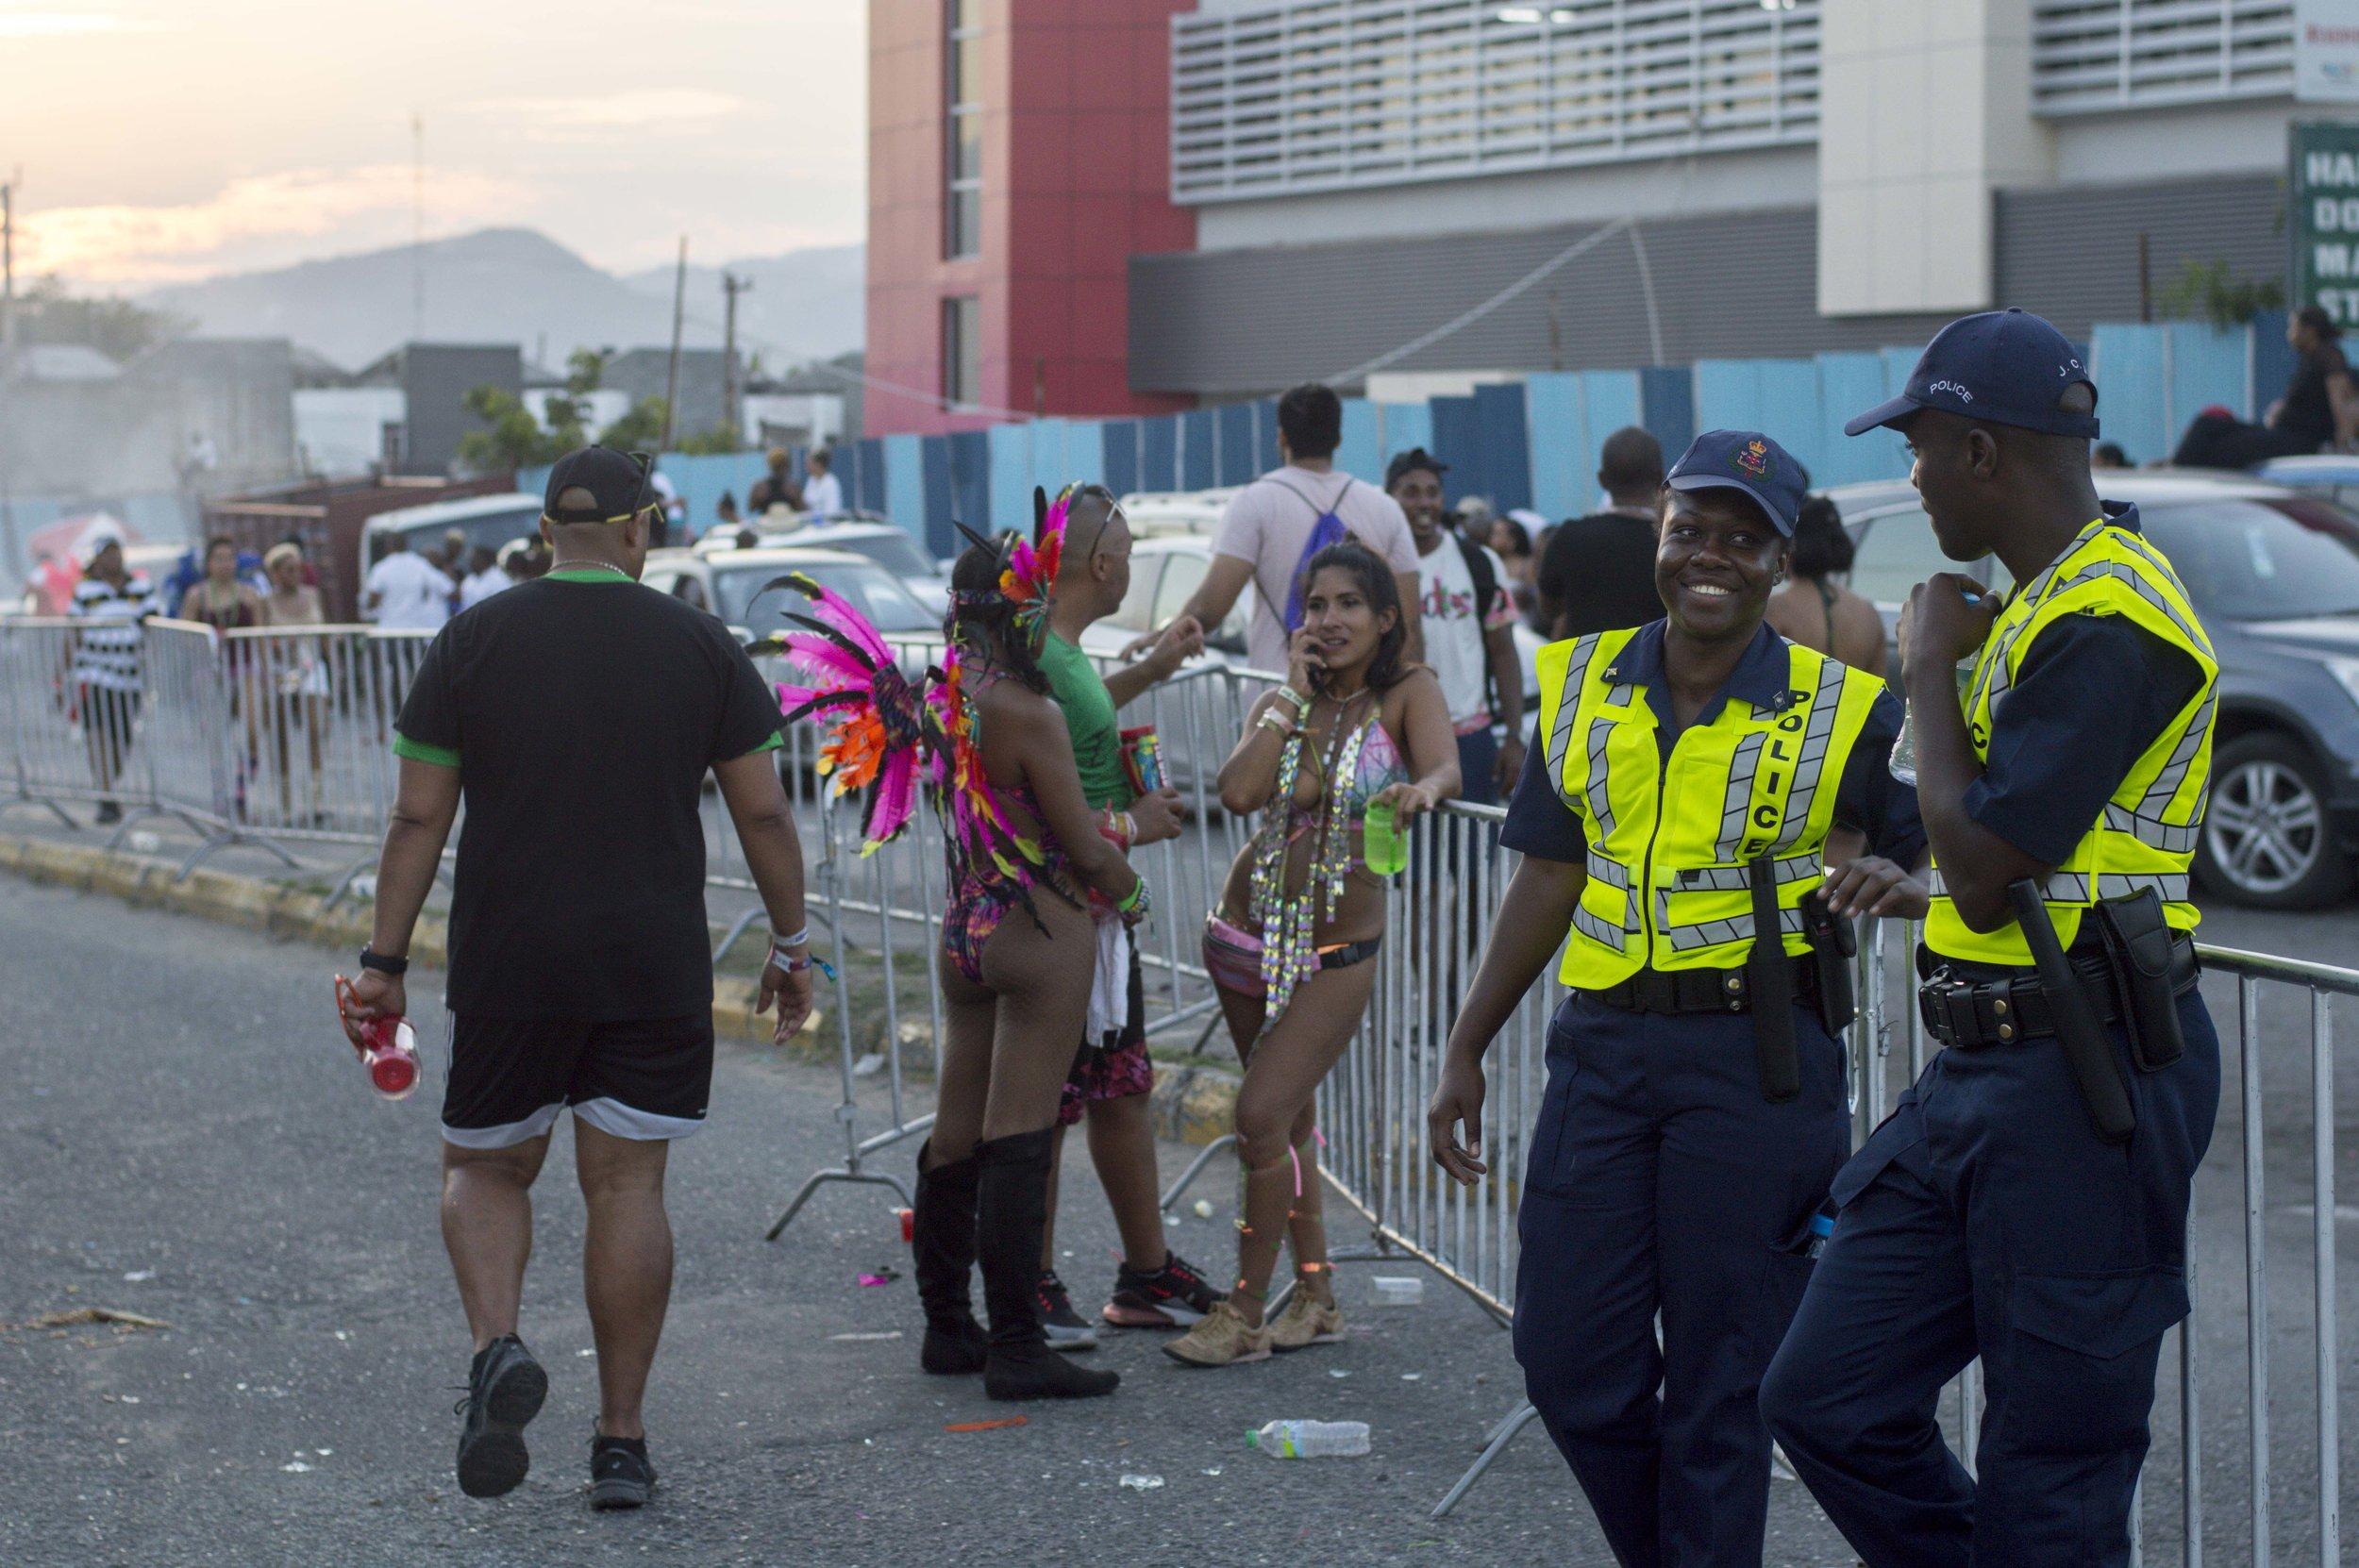 carnival2019_jeanalindo-77.jpg